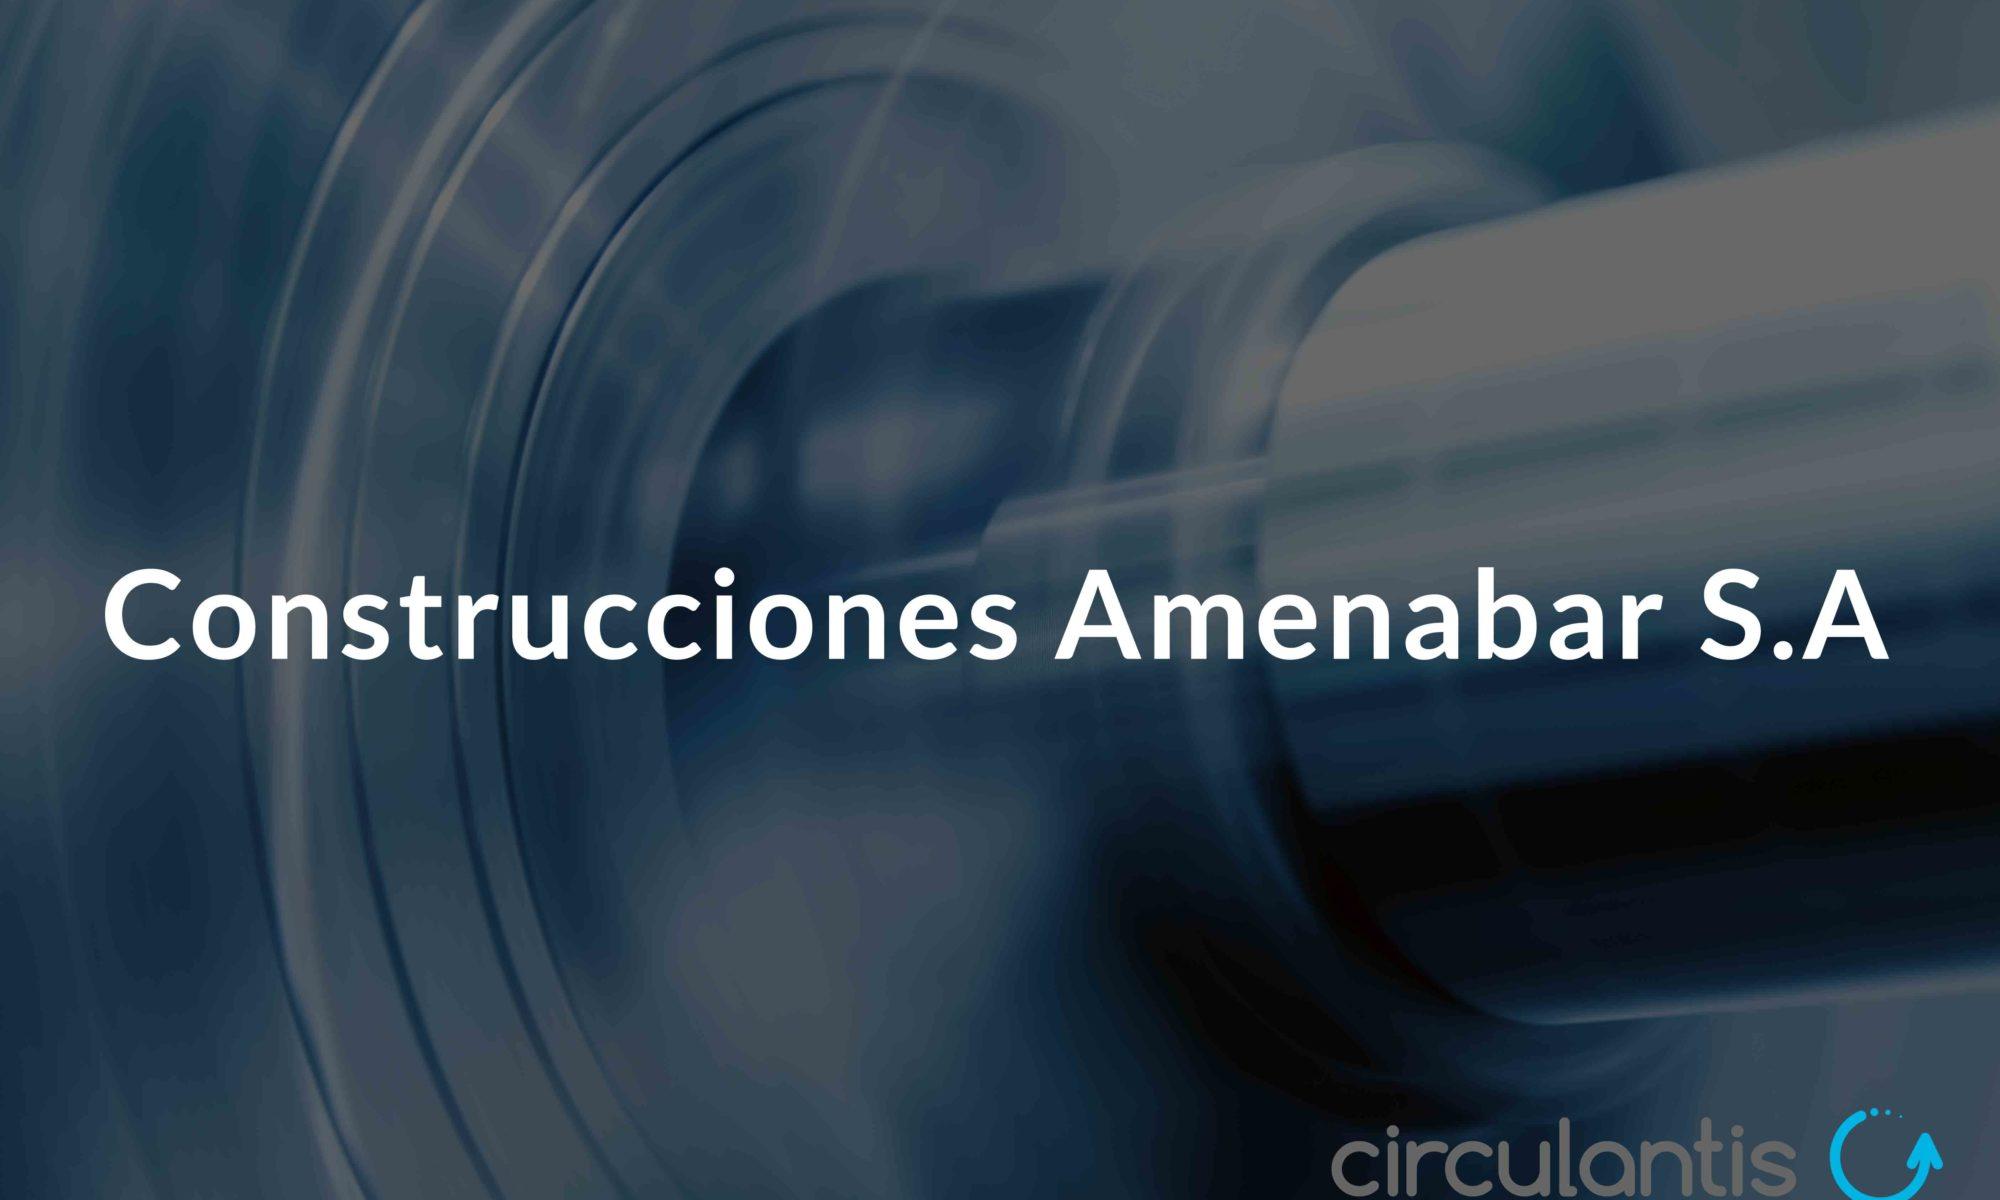 construcciones amenabar - circulantis